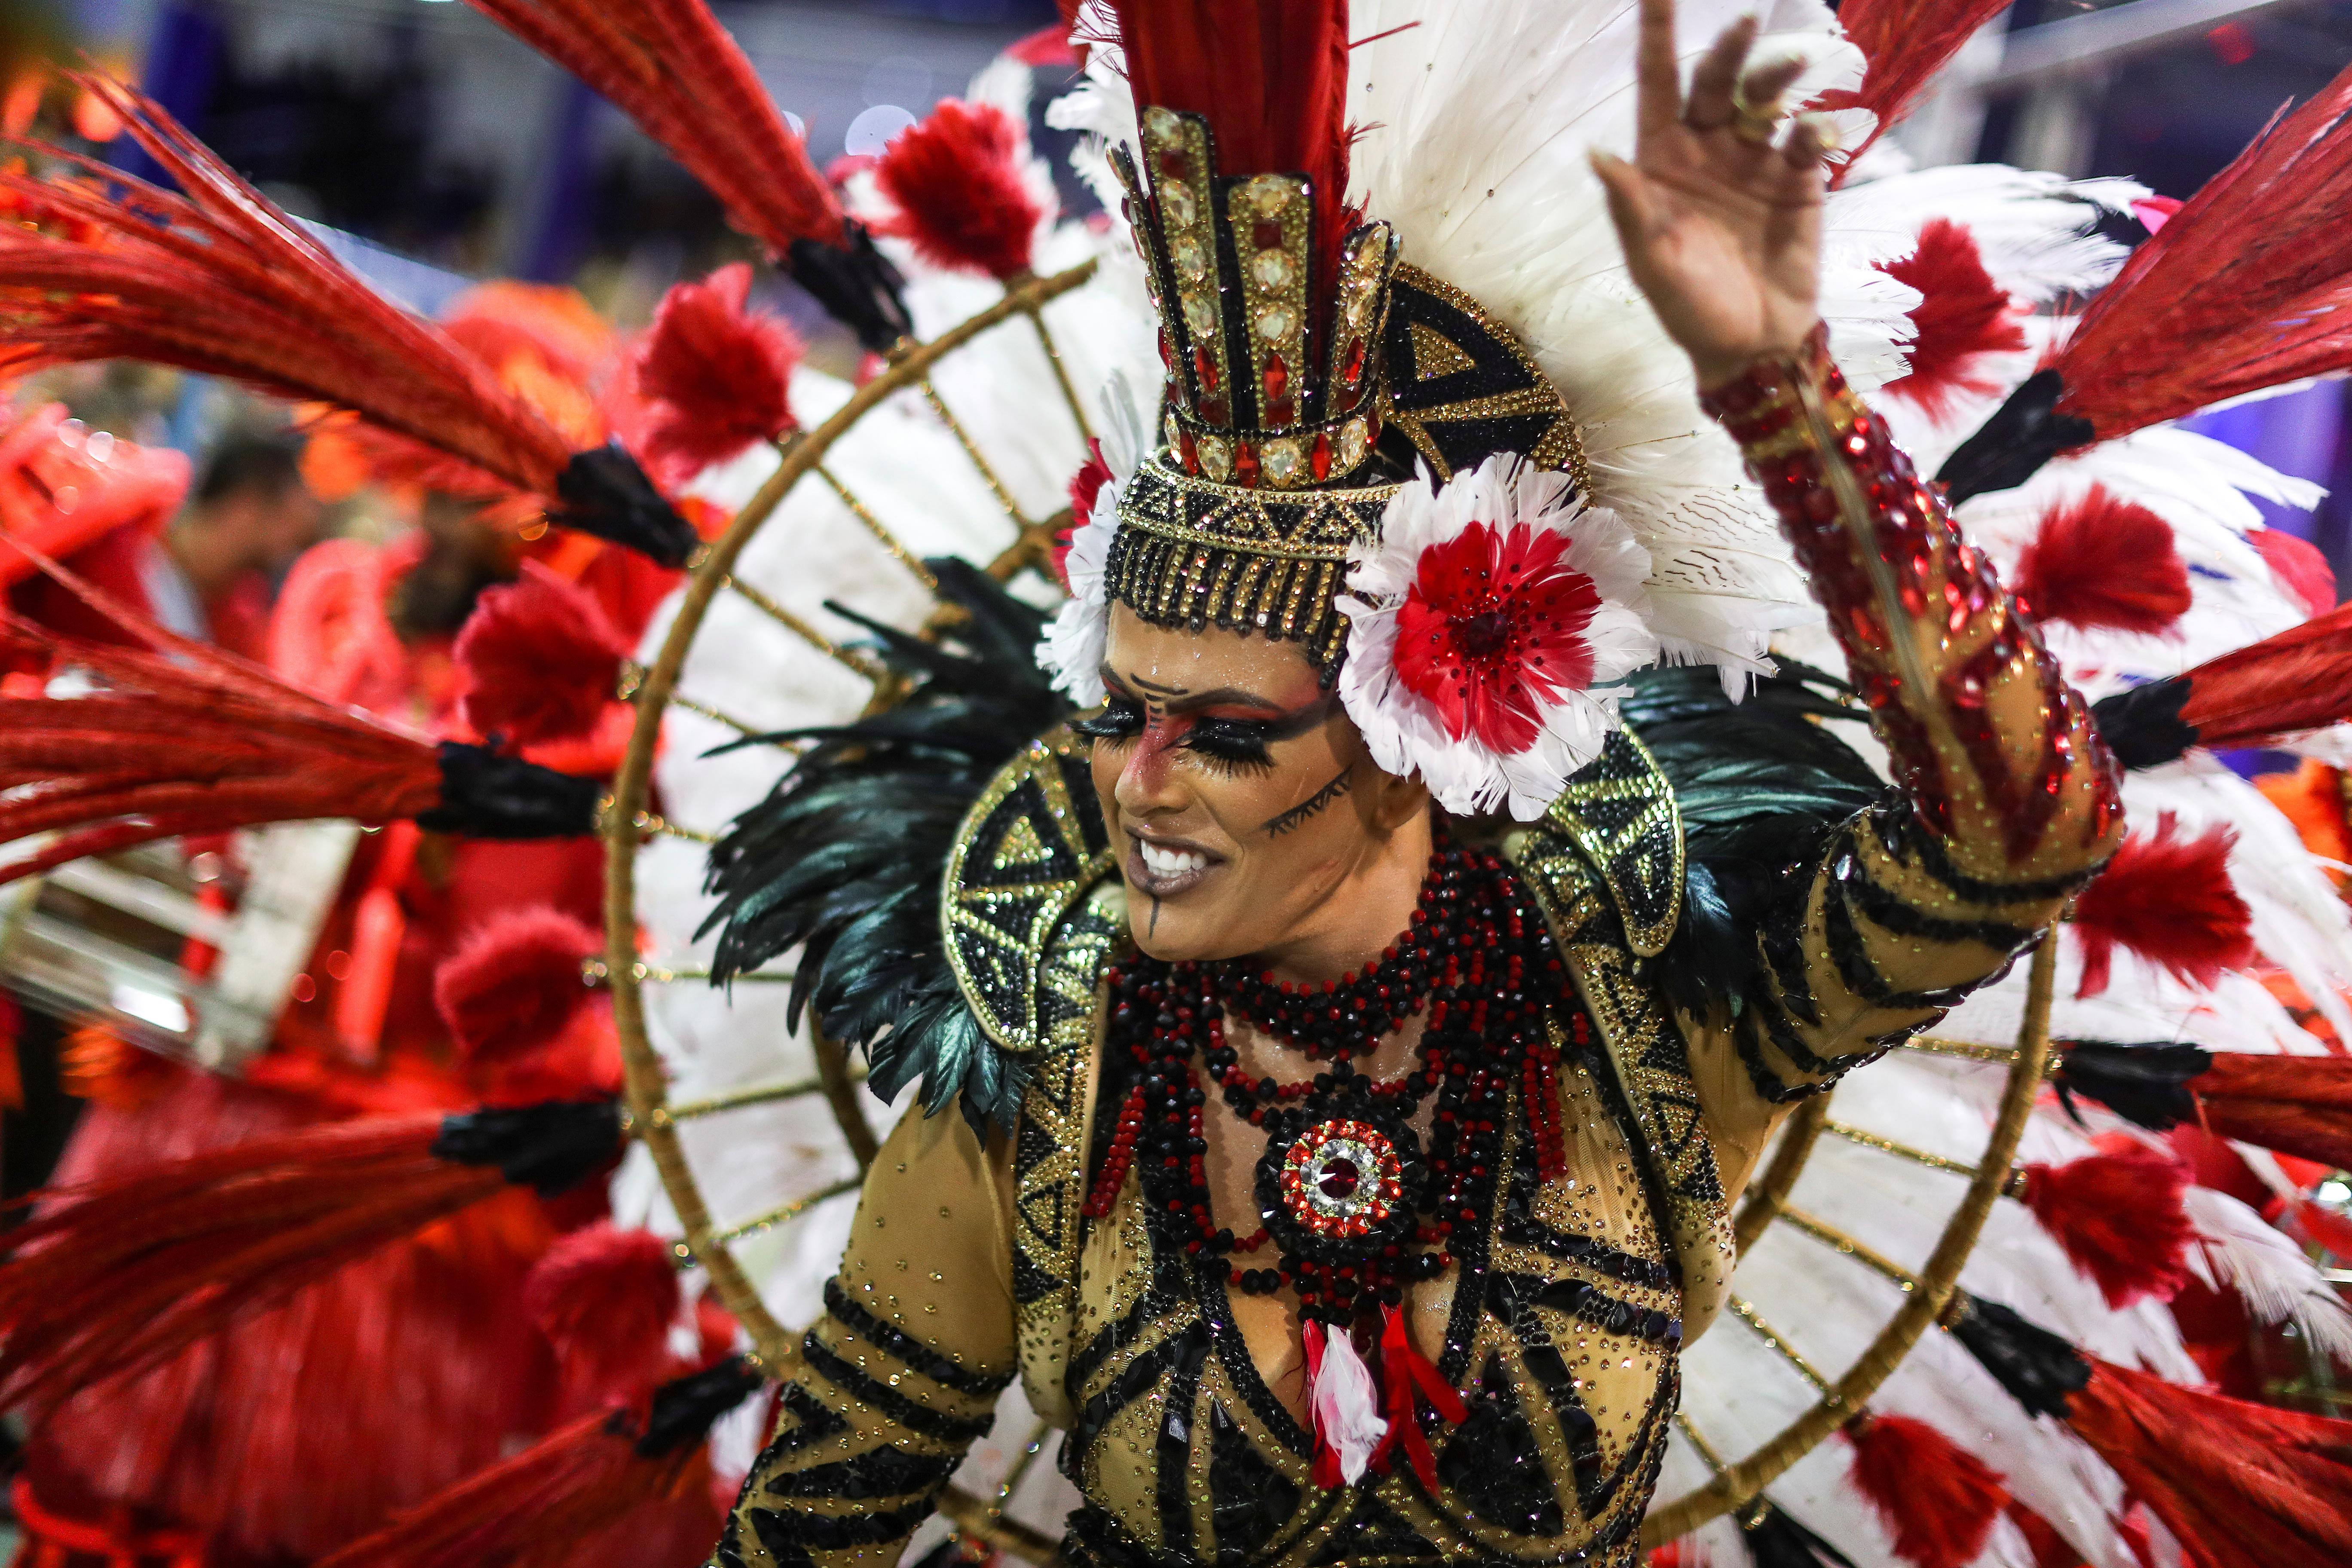 La reina Jack Maia de la escuela Estacio de Sa REUTERS/Ricardo Moraes